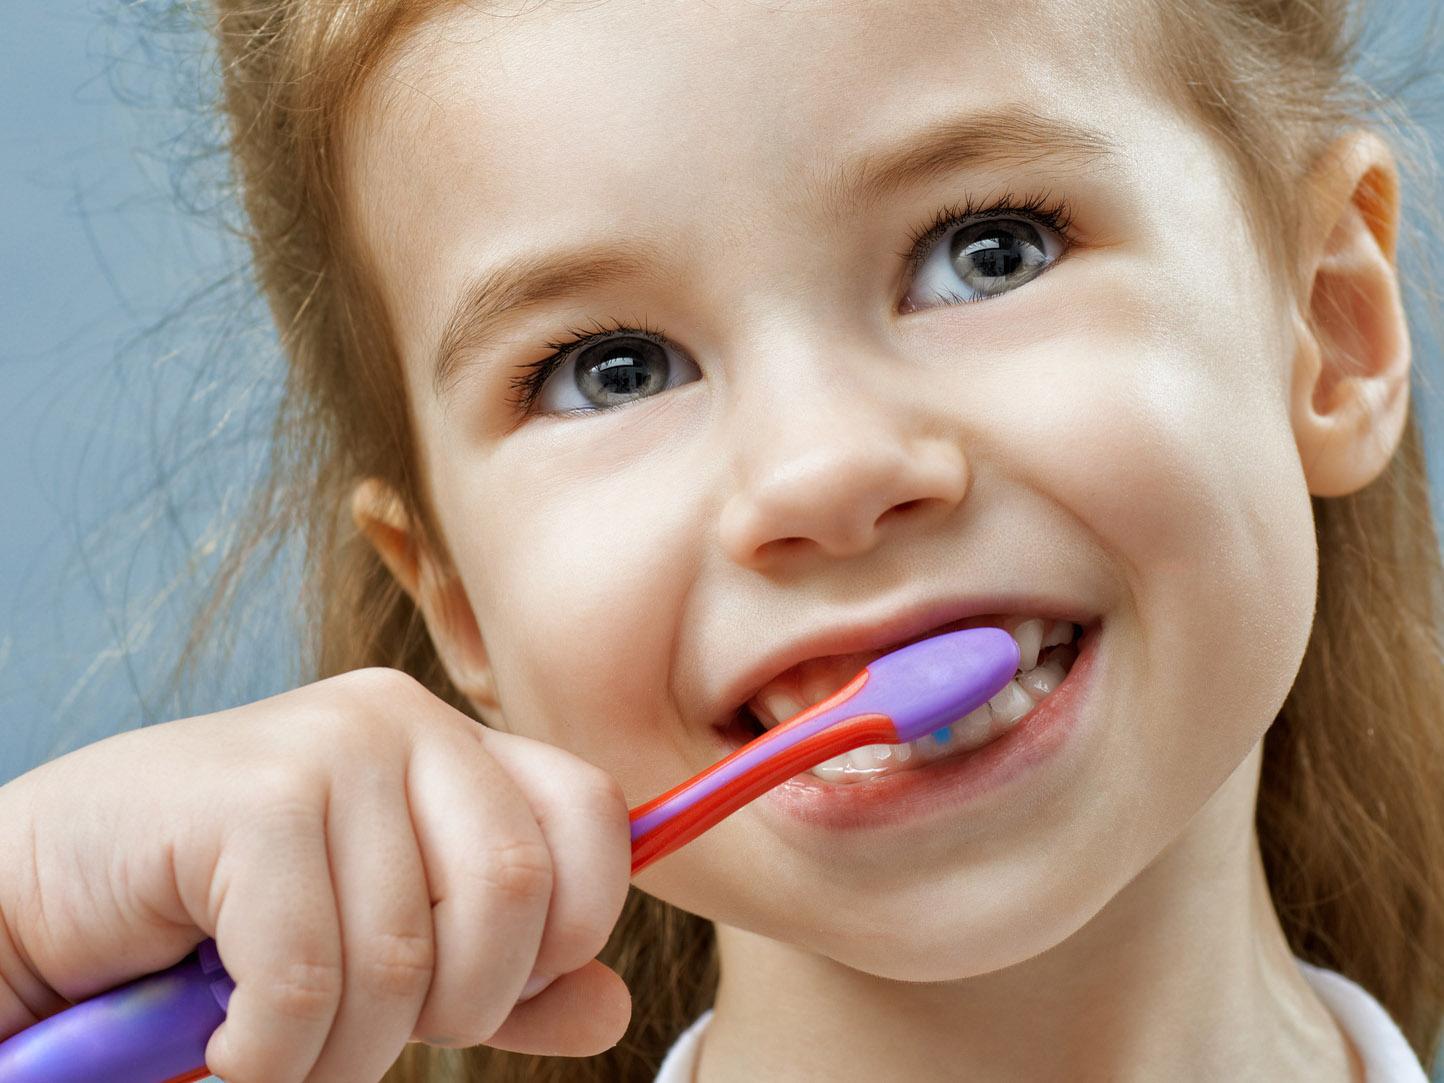 Medicine da bambini per prevenzione da vermi